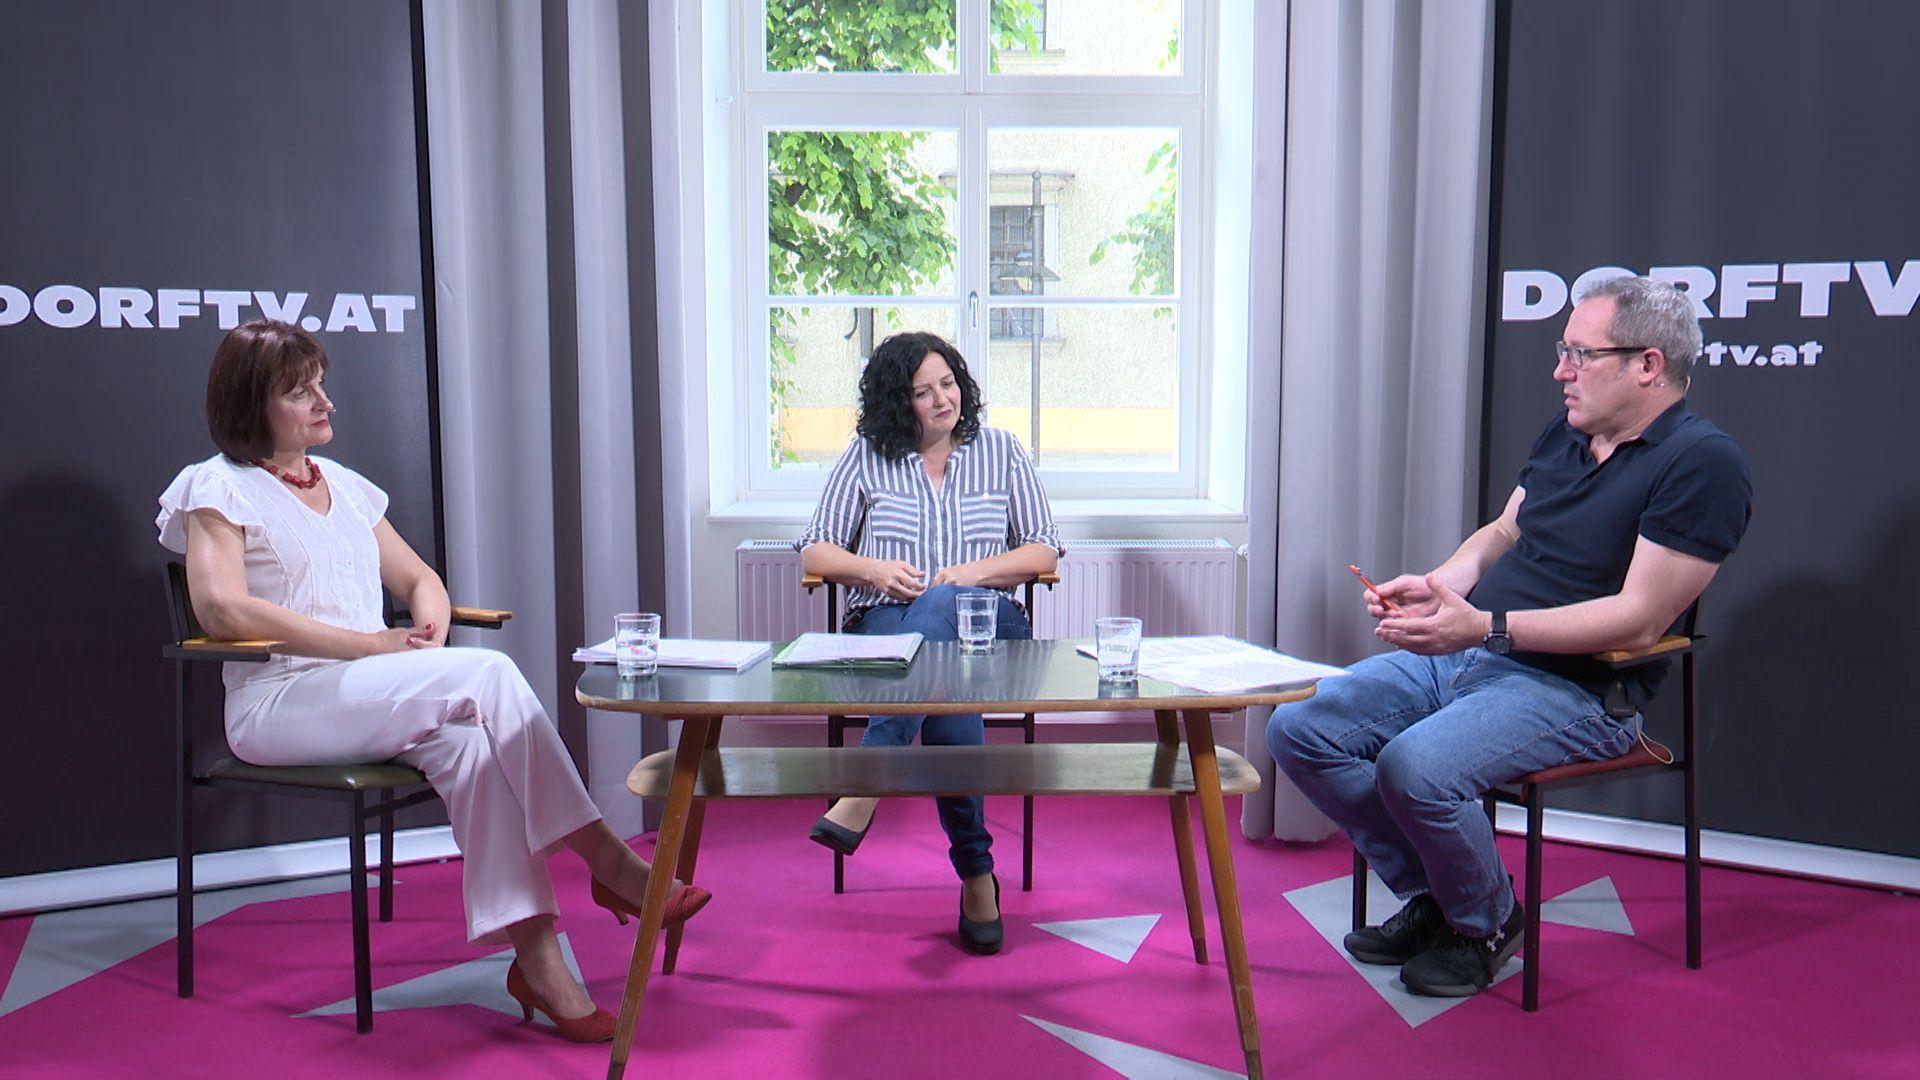 Politik in Männerhand – welche Perspektiven haben Frauen in Oberösterreich?